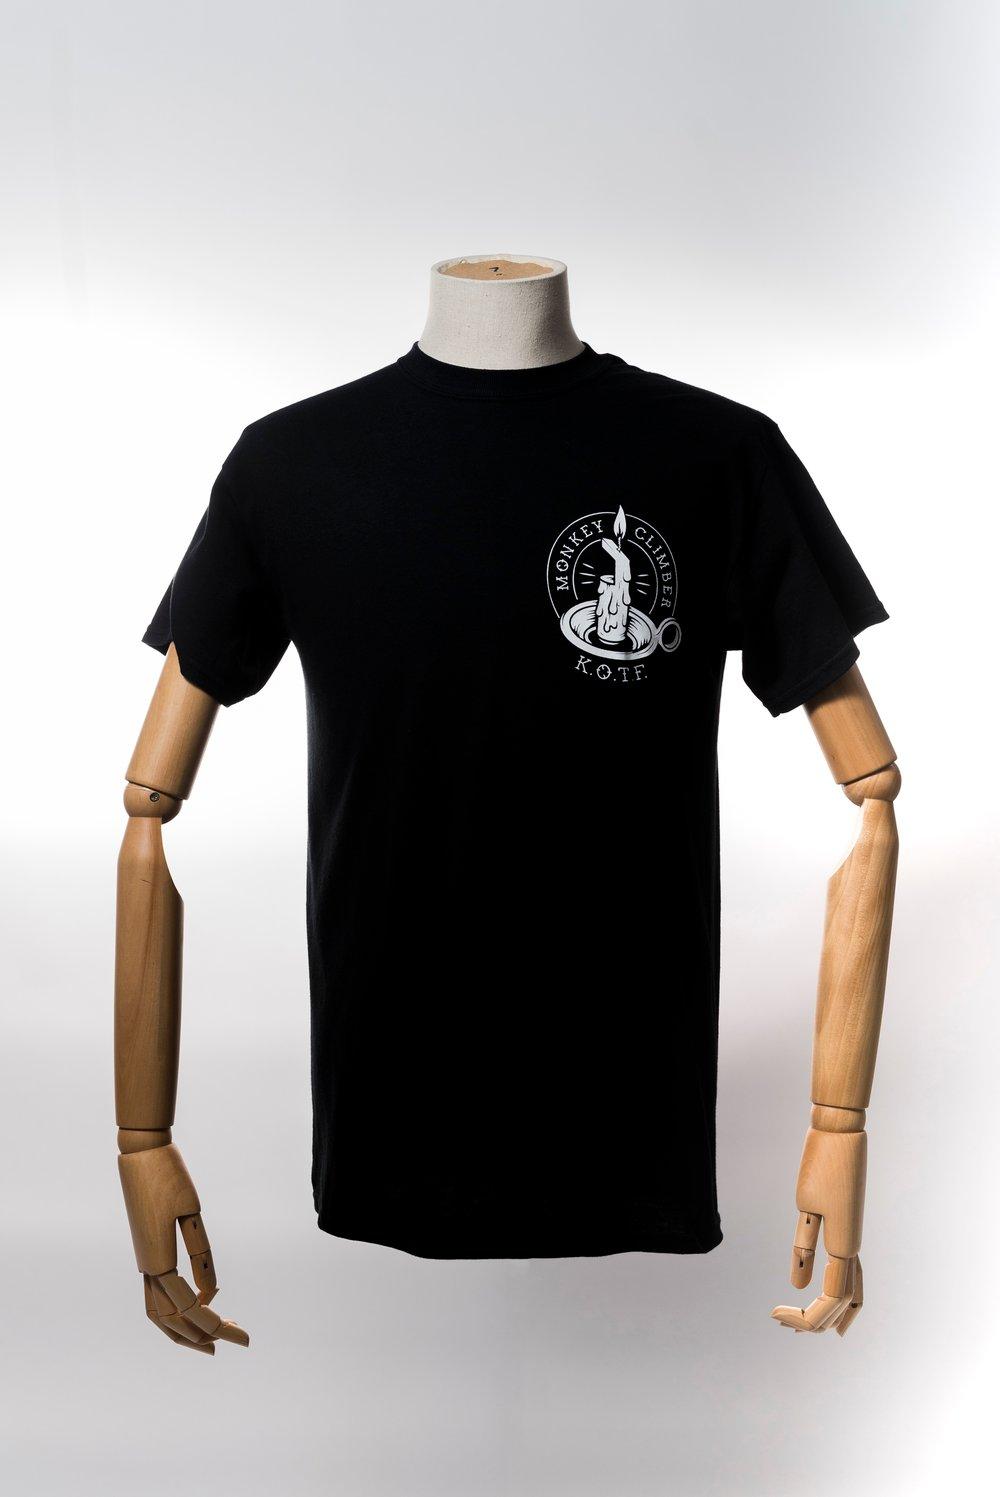 Image of Monkey Climber Keepers of the Faith shirt I Black - Burgundy - Grey